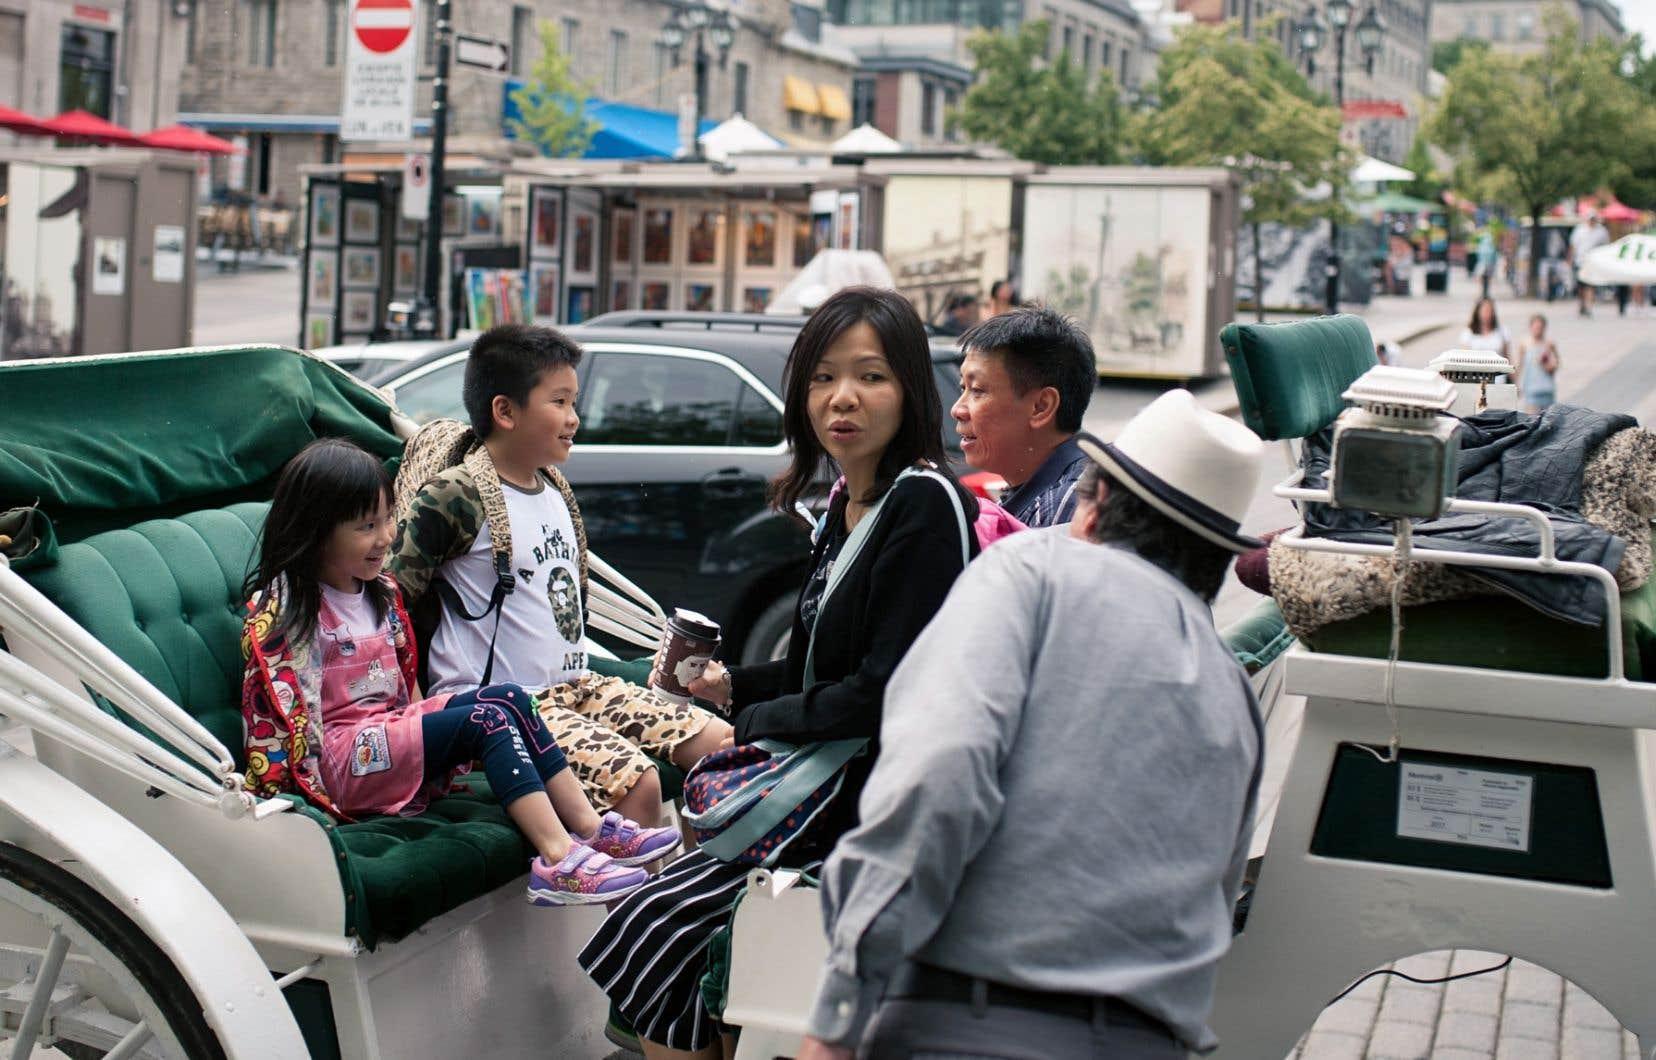 Le tourisme international a poursuivi sa croissance, avec une augmentation de 11% des arrivées de touristes en provenance d'outremer.